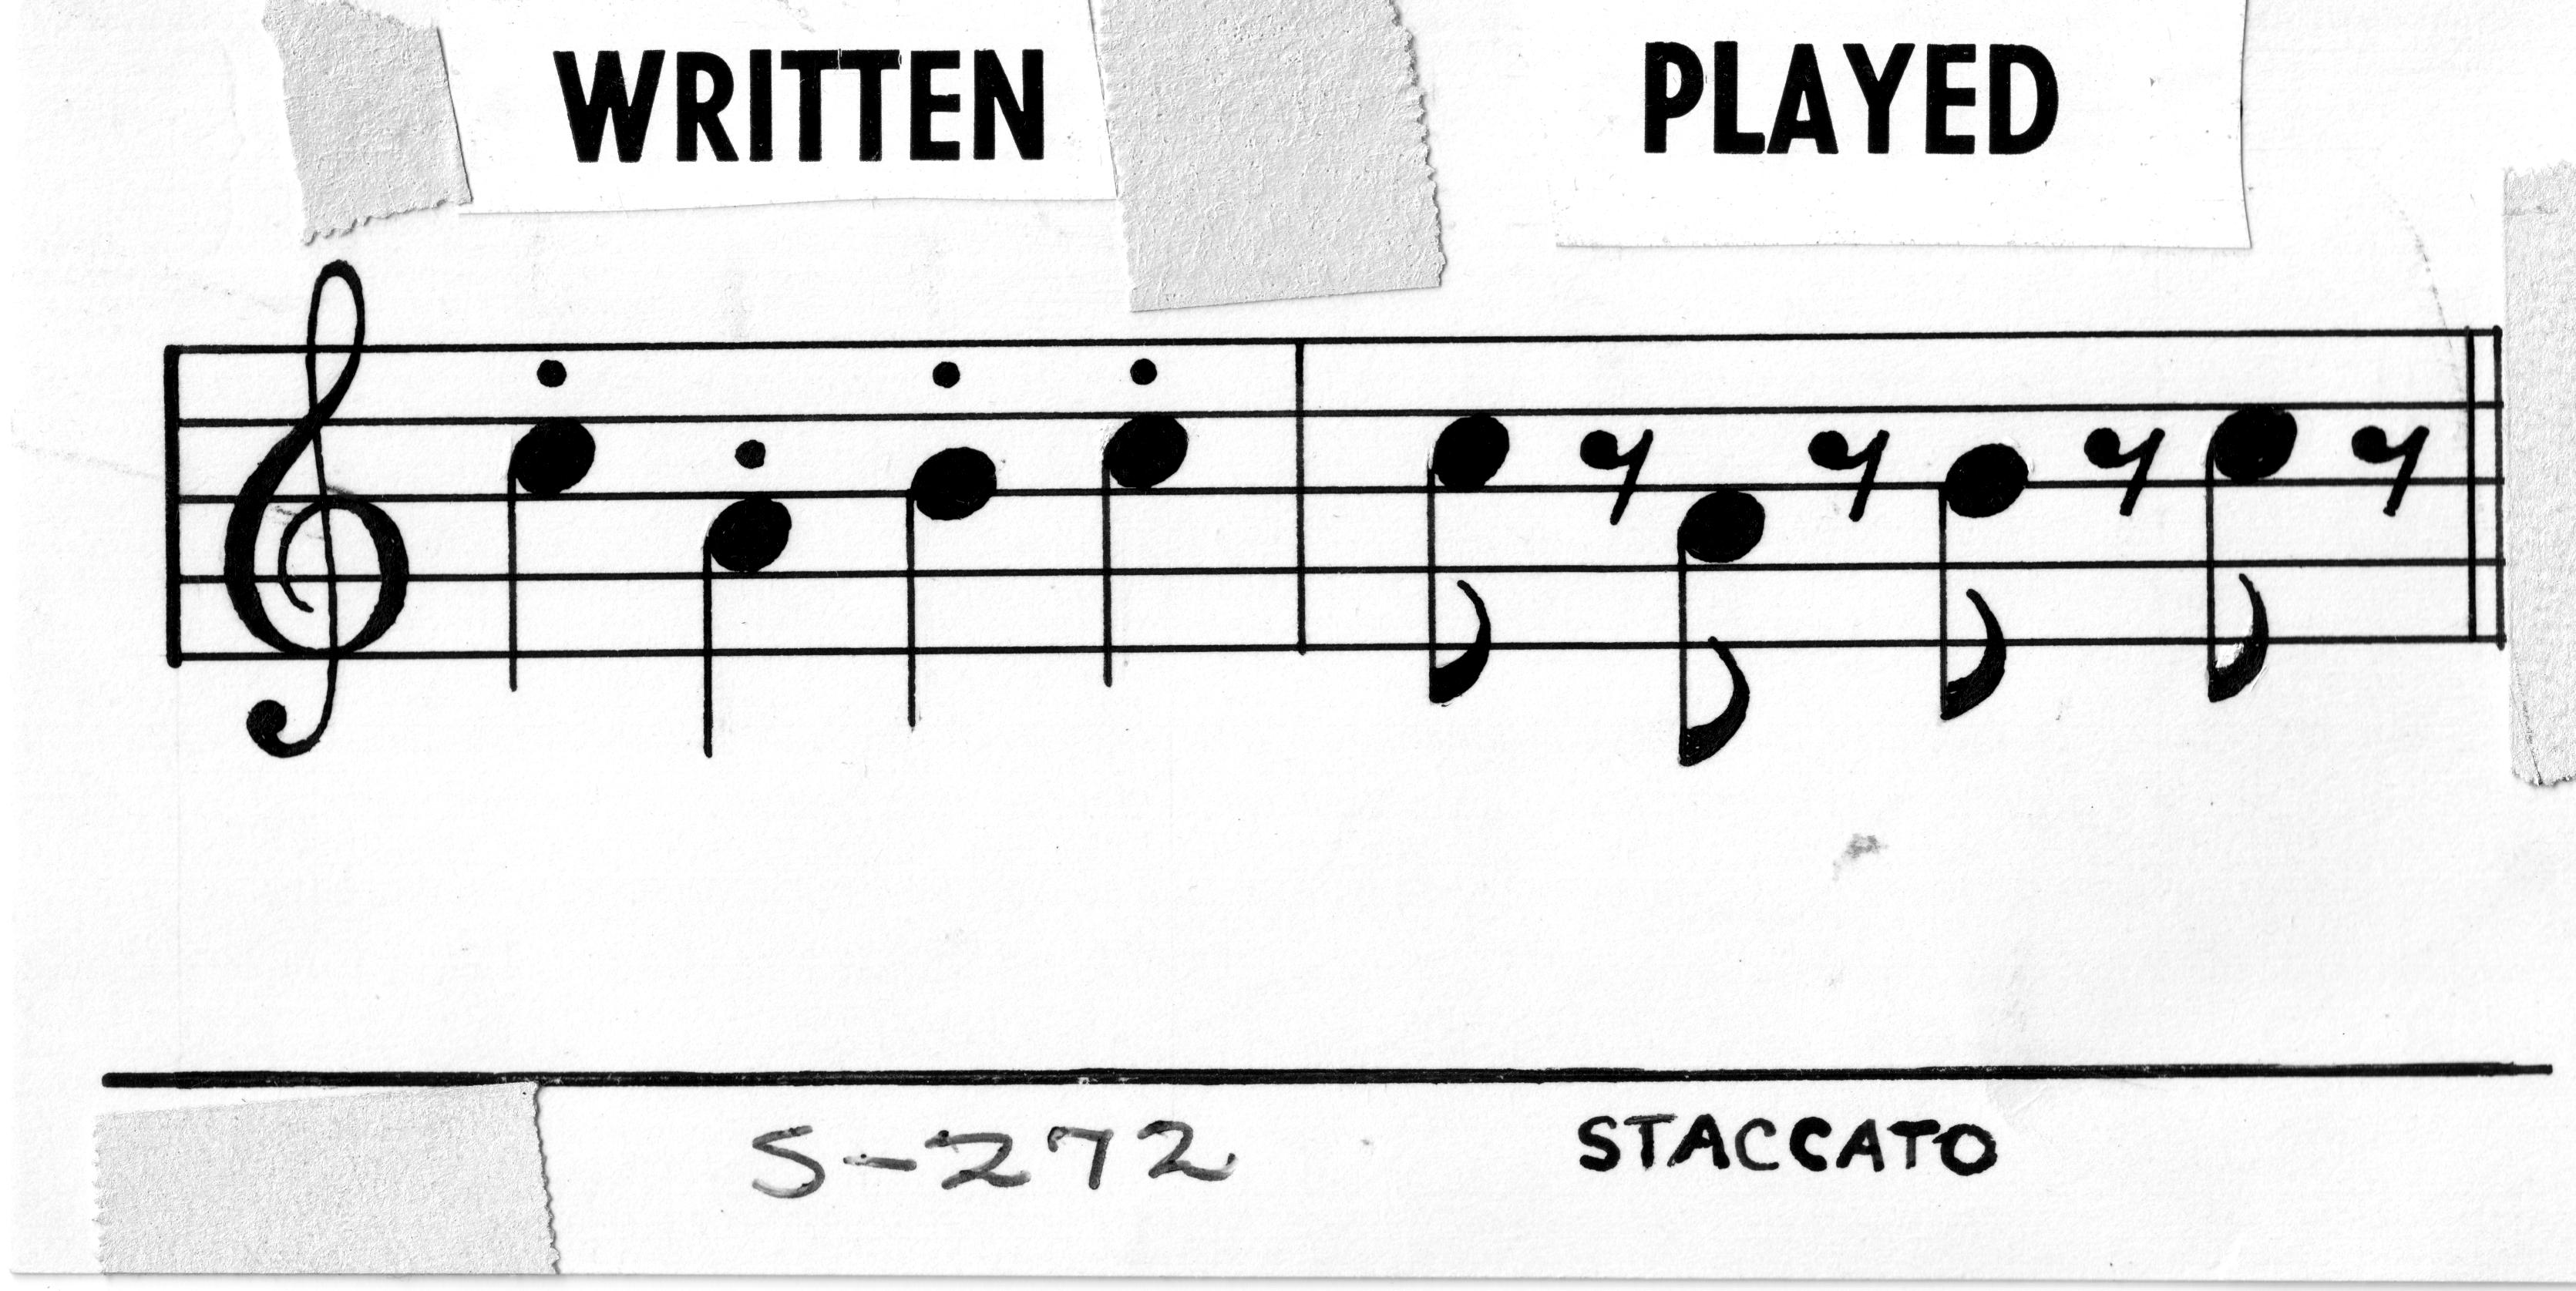 Nhìn vậy mà không phải vậy. Staccato phức tạp hơn là chỉ chơi nốt ngắn.